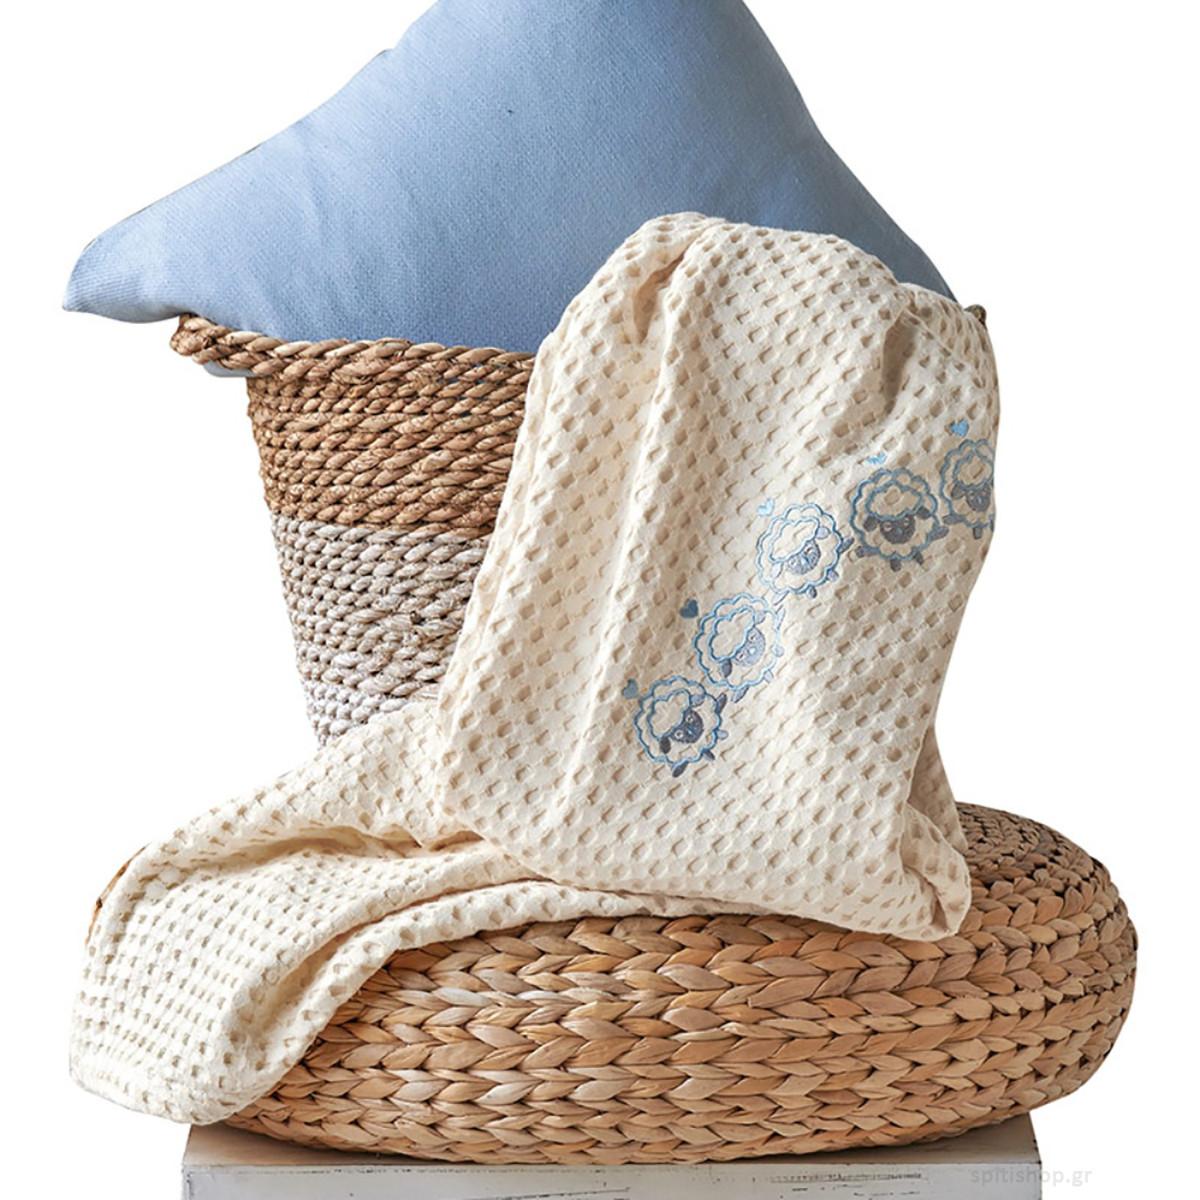 Κουβέρτα Πικέ Αγκαλιάς Kentia Baby Lester home   βρεφικά   κουβέρτες βρεφικές   κουβέρτες καλοκαιρινές